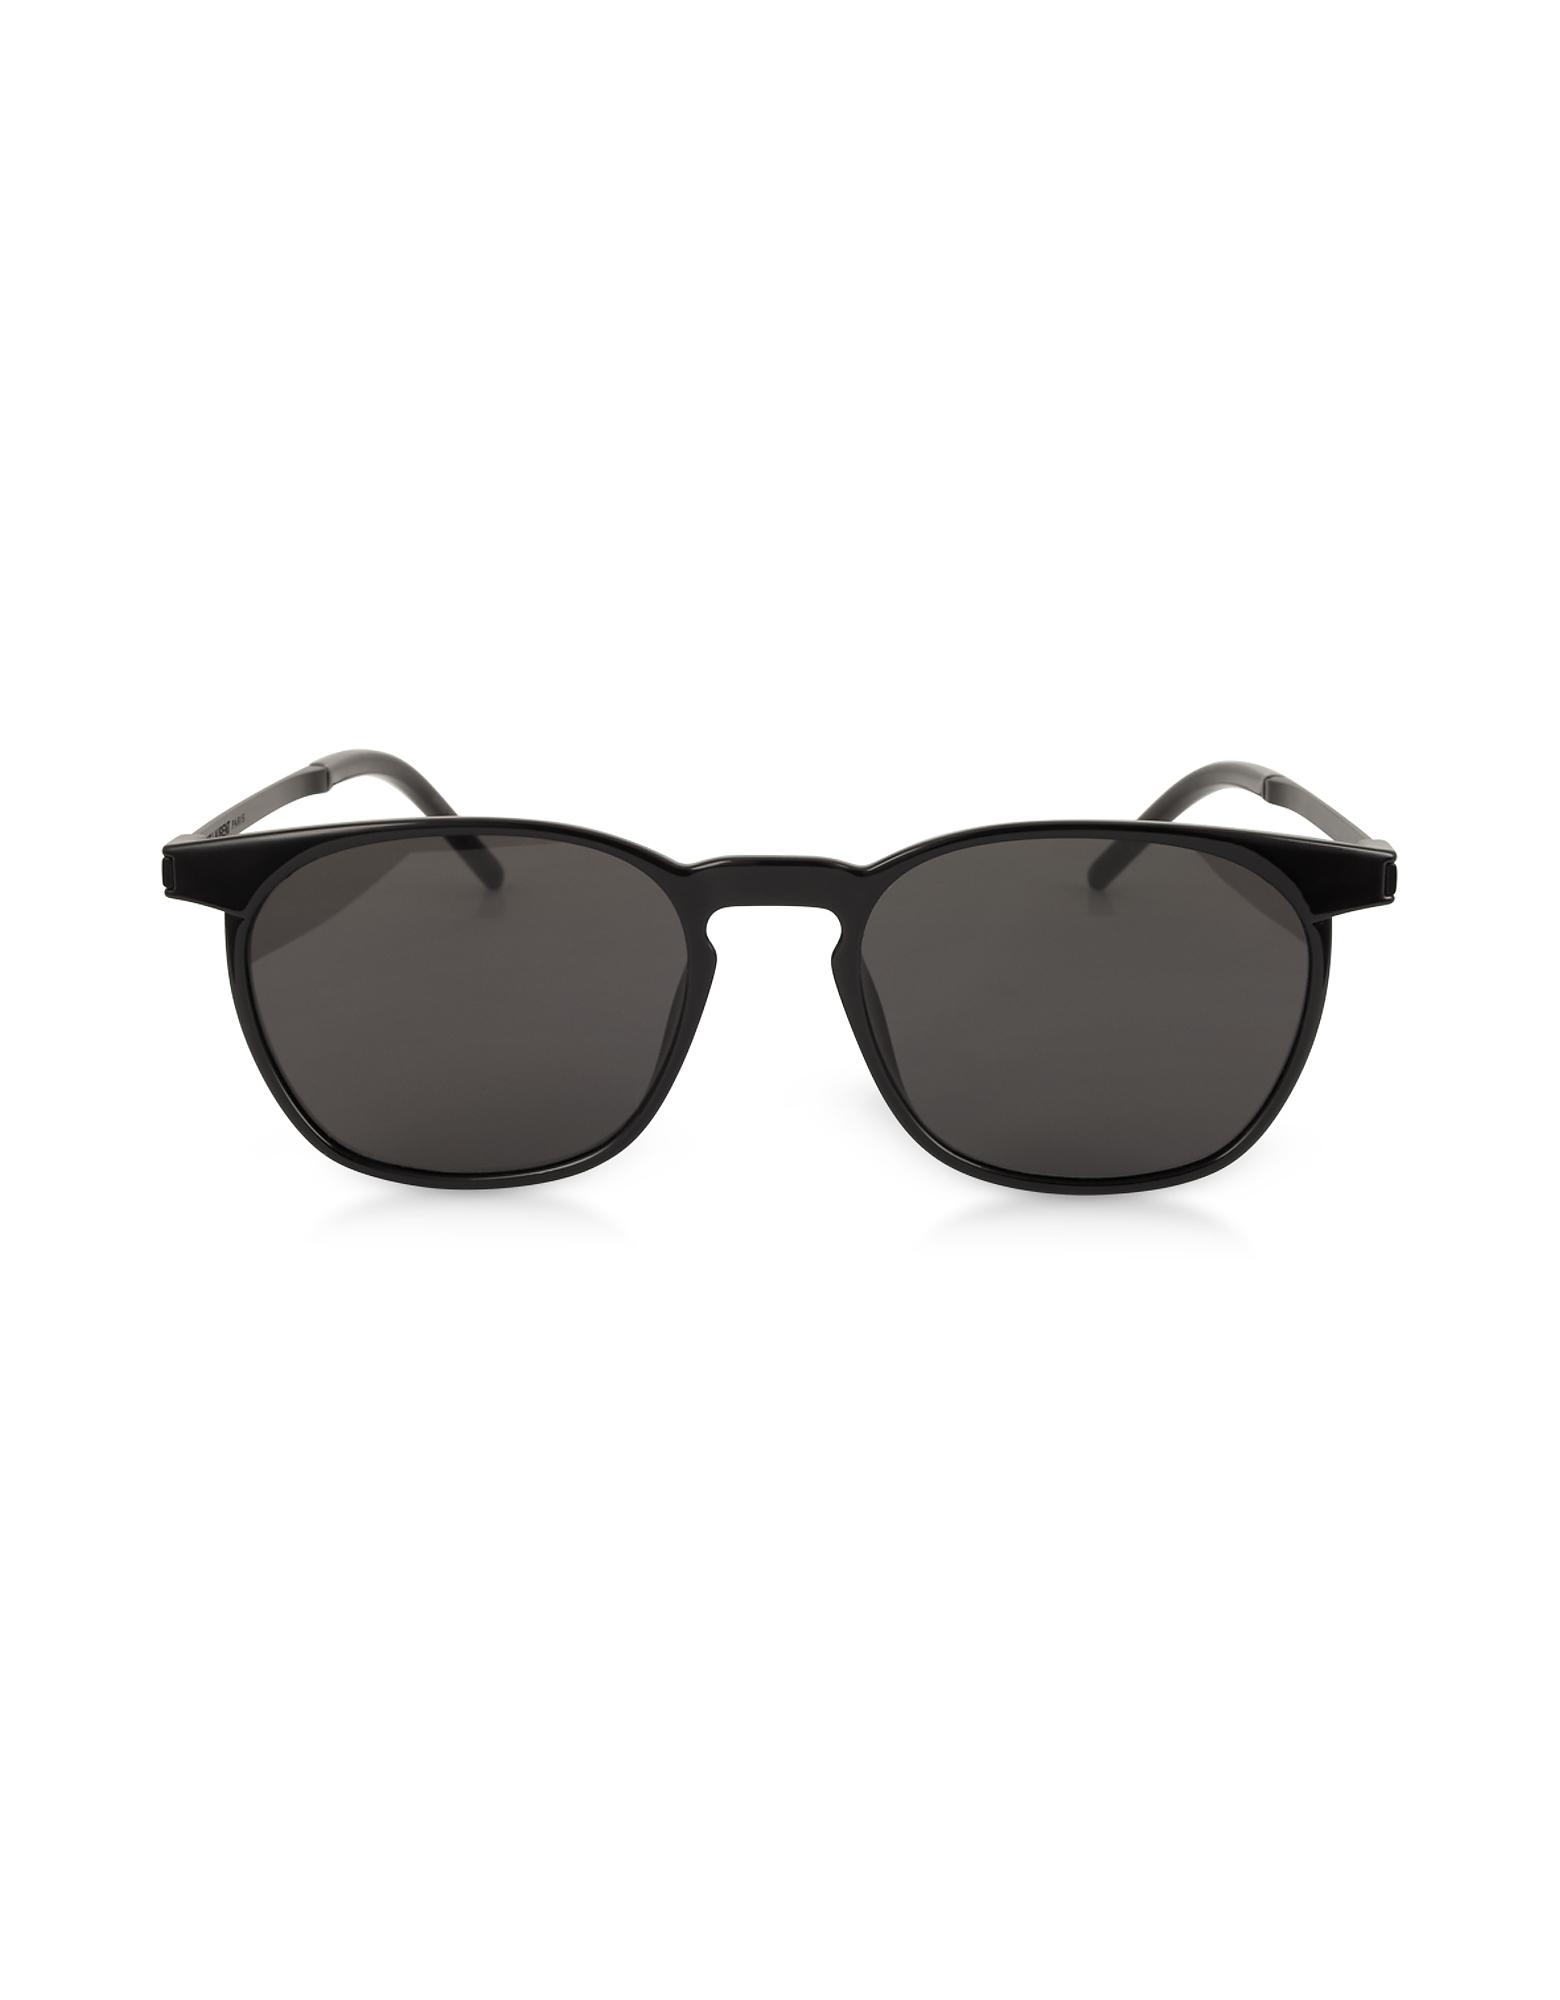 Saint Laurent Sunglasses, SL 240 Acetate and Metal Squared Men's Sunglasses